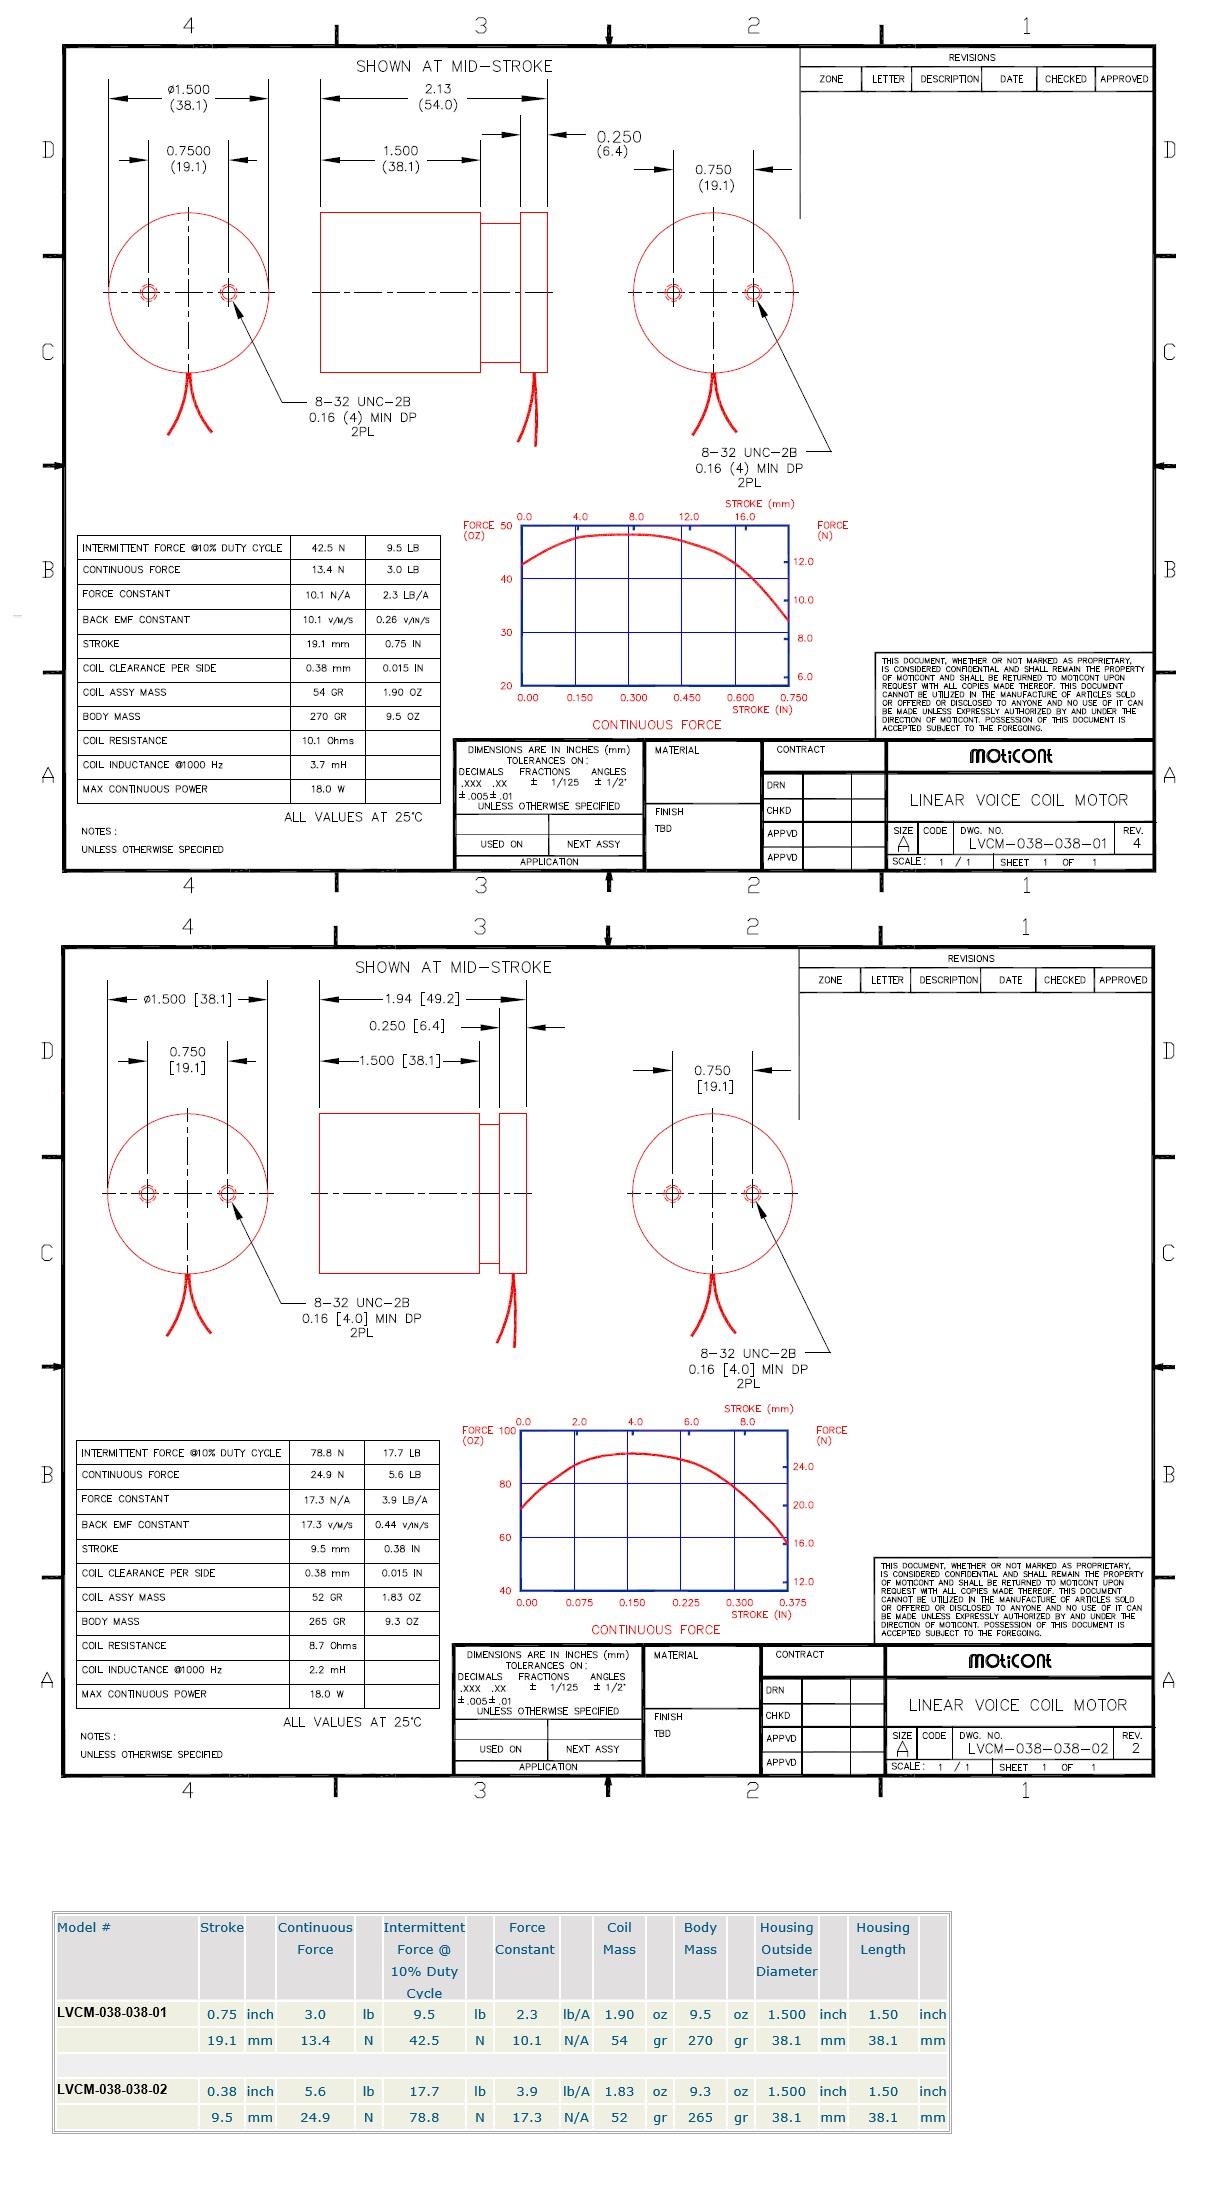 moticont  voice coil motor  lvcm